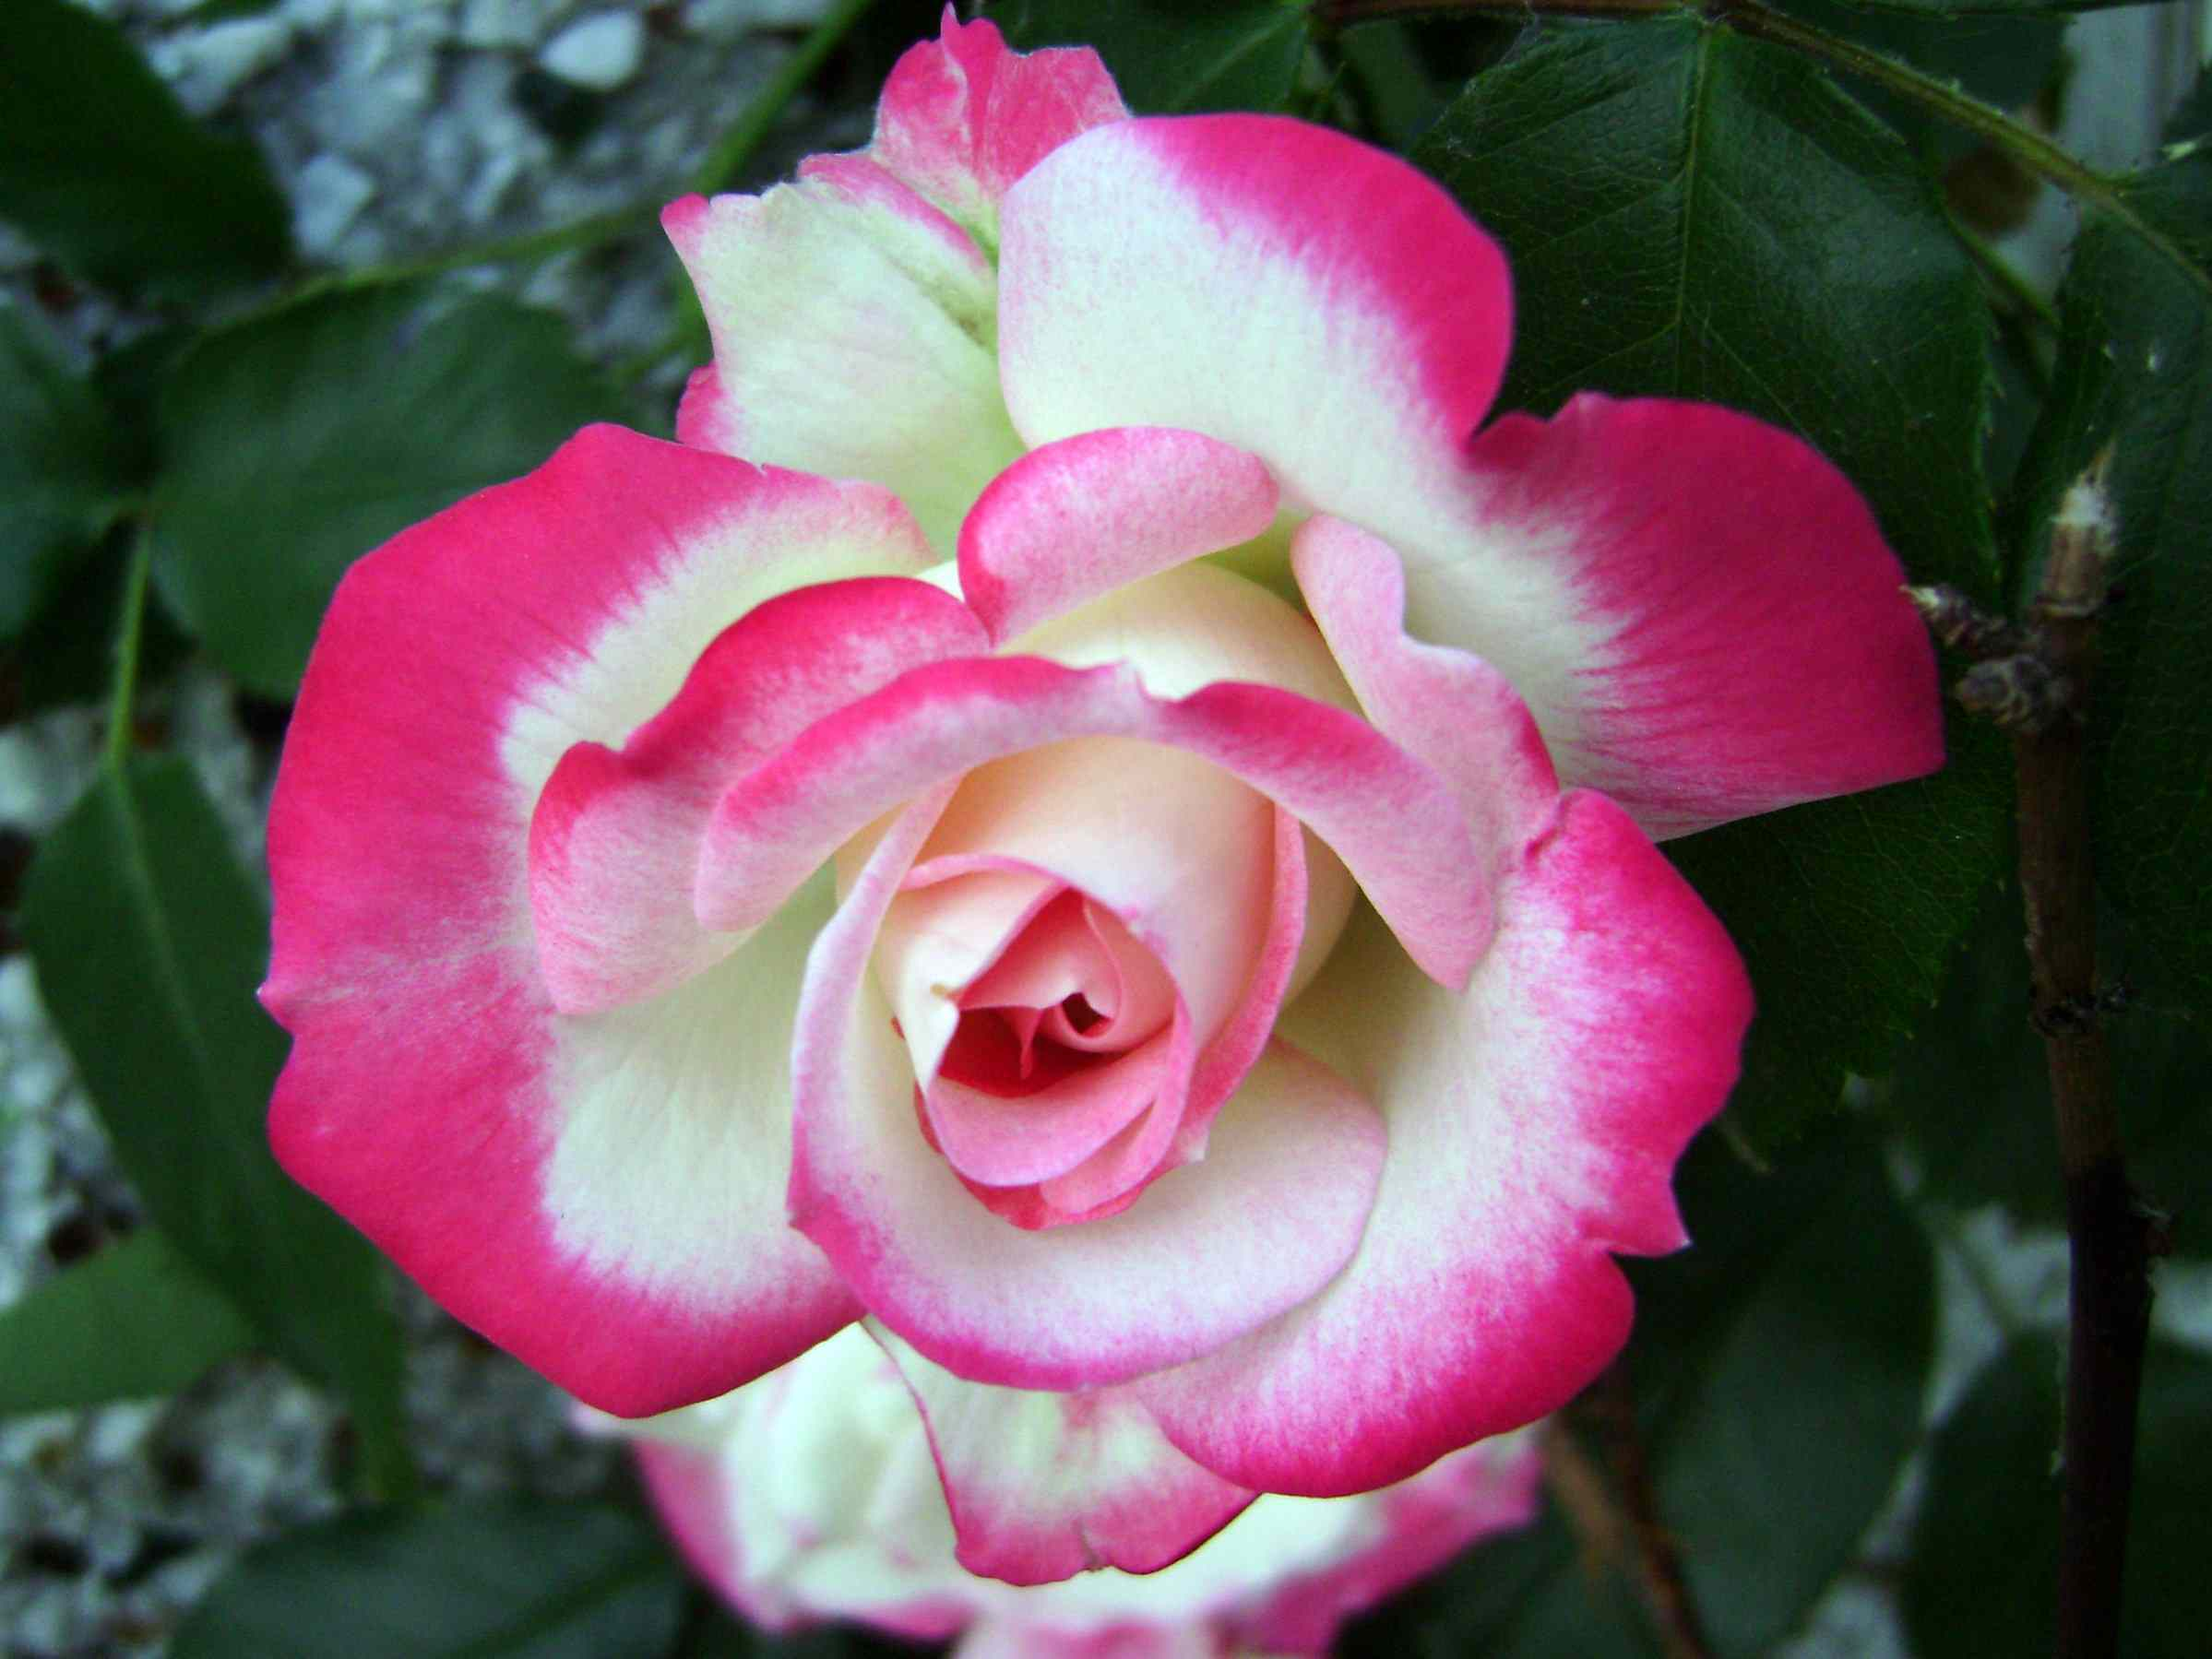 Rosa parfait de cereza